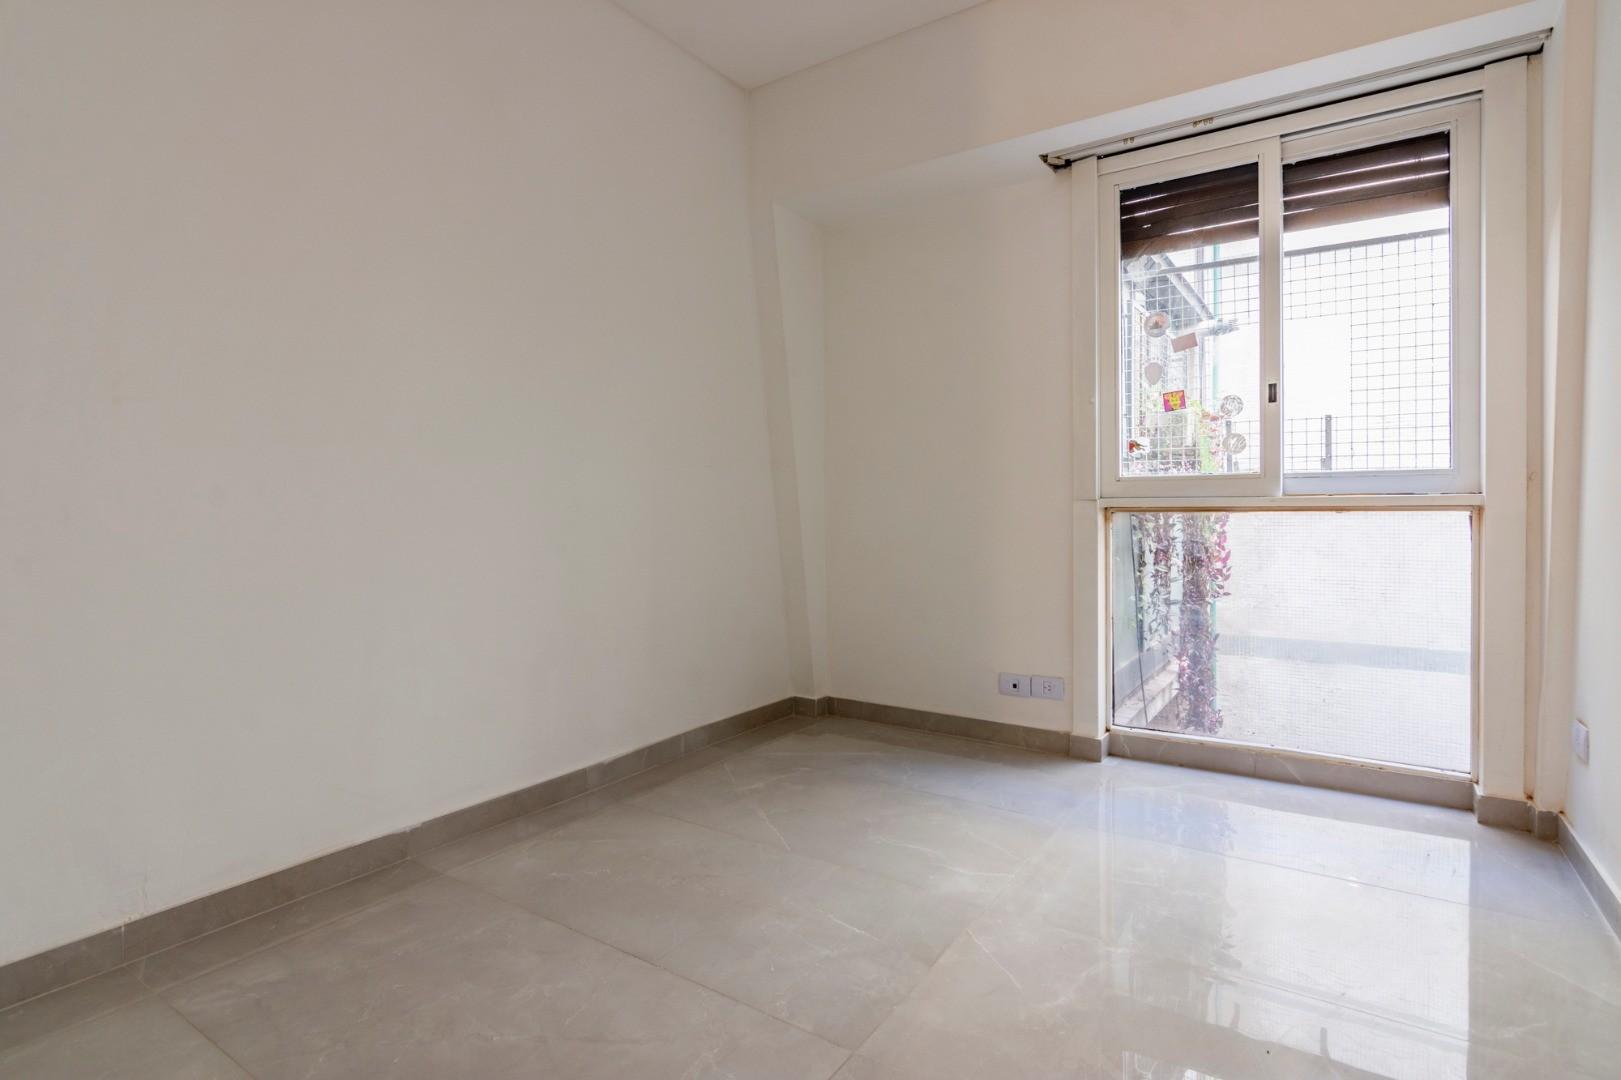 Departamento en Palermo Chico con 3 habitaciones